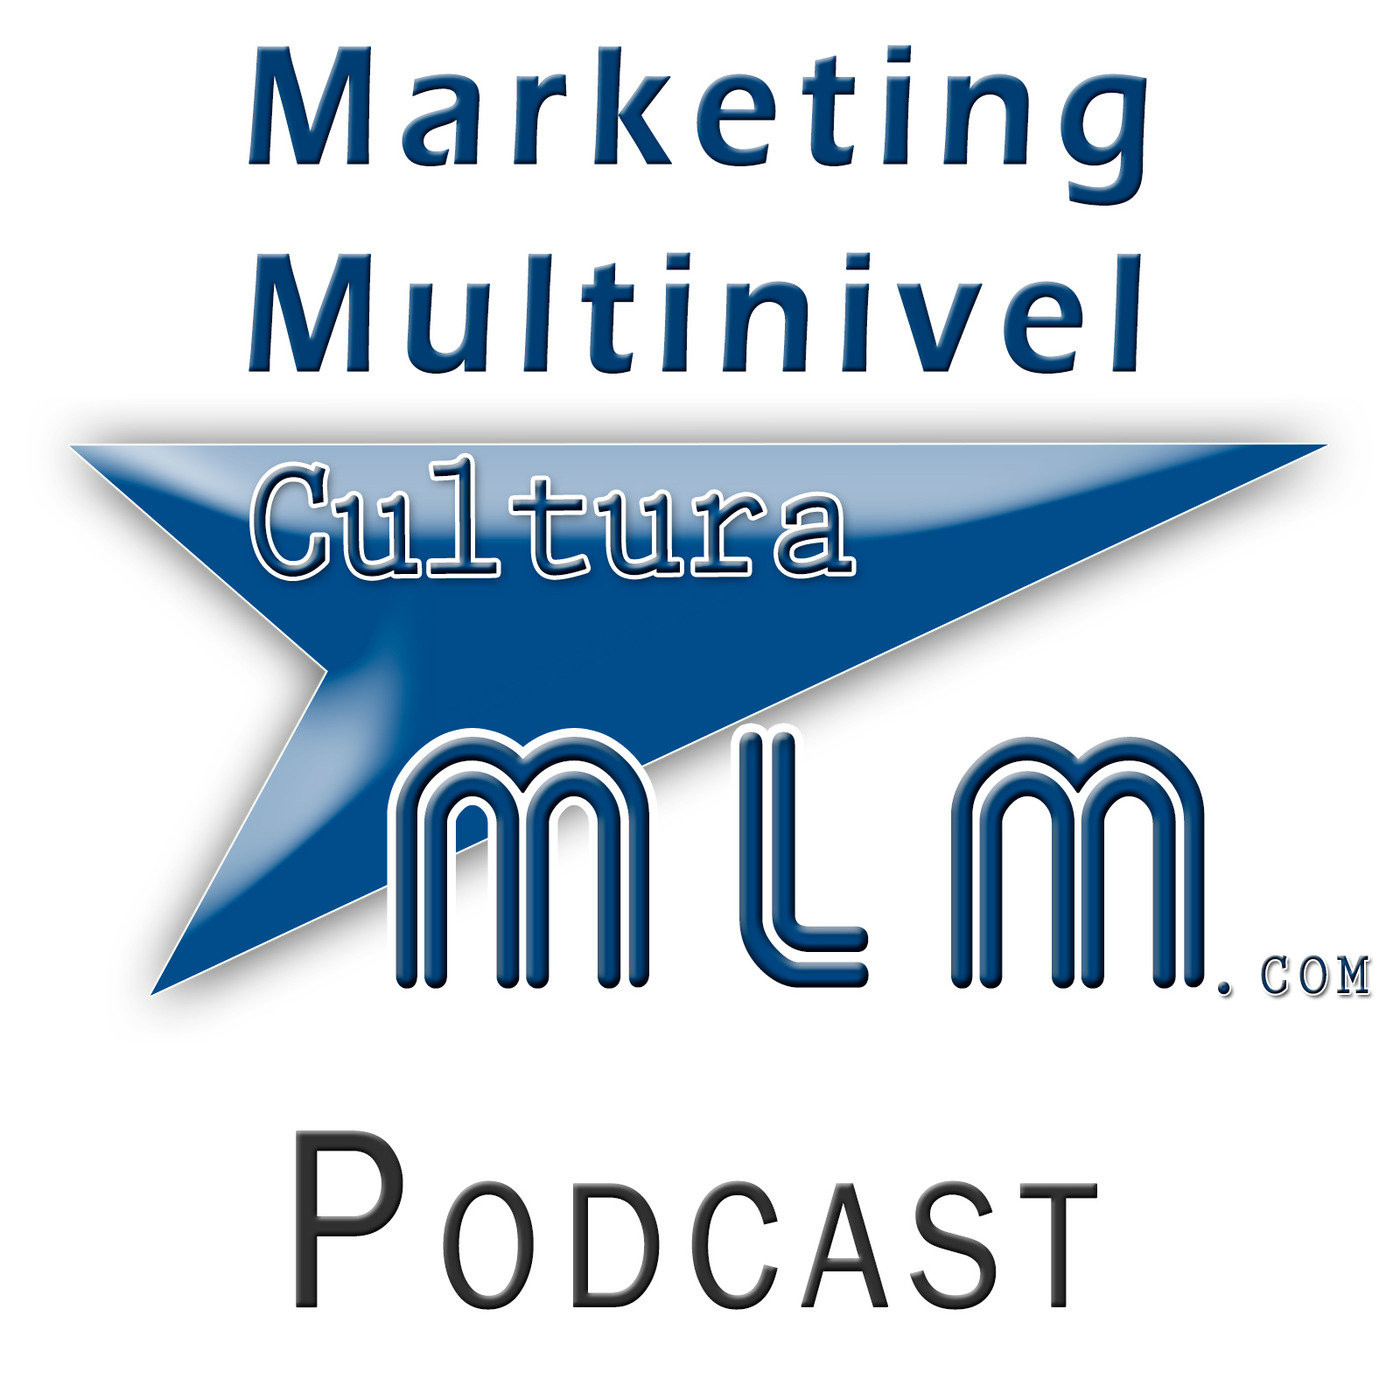 59.- Marketing Mutinivel.- La mente mediocre